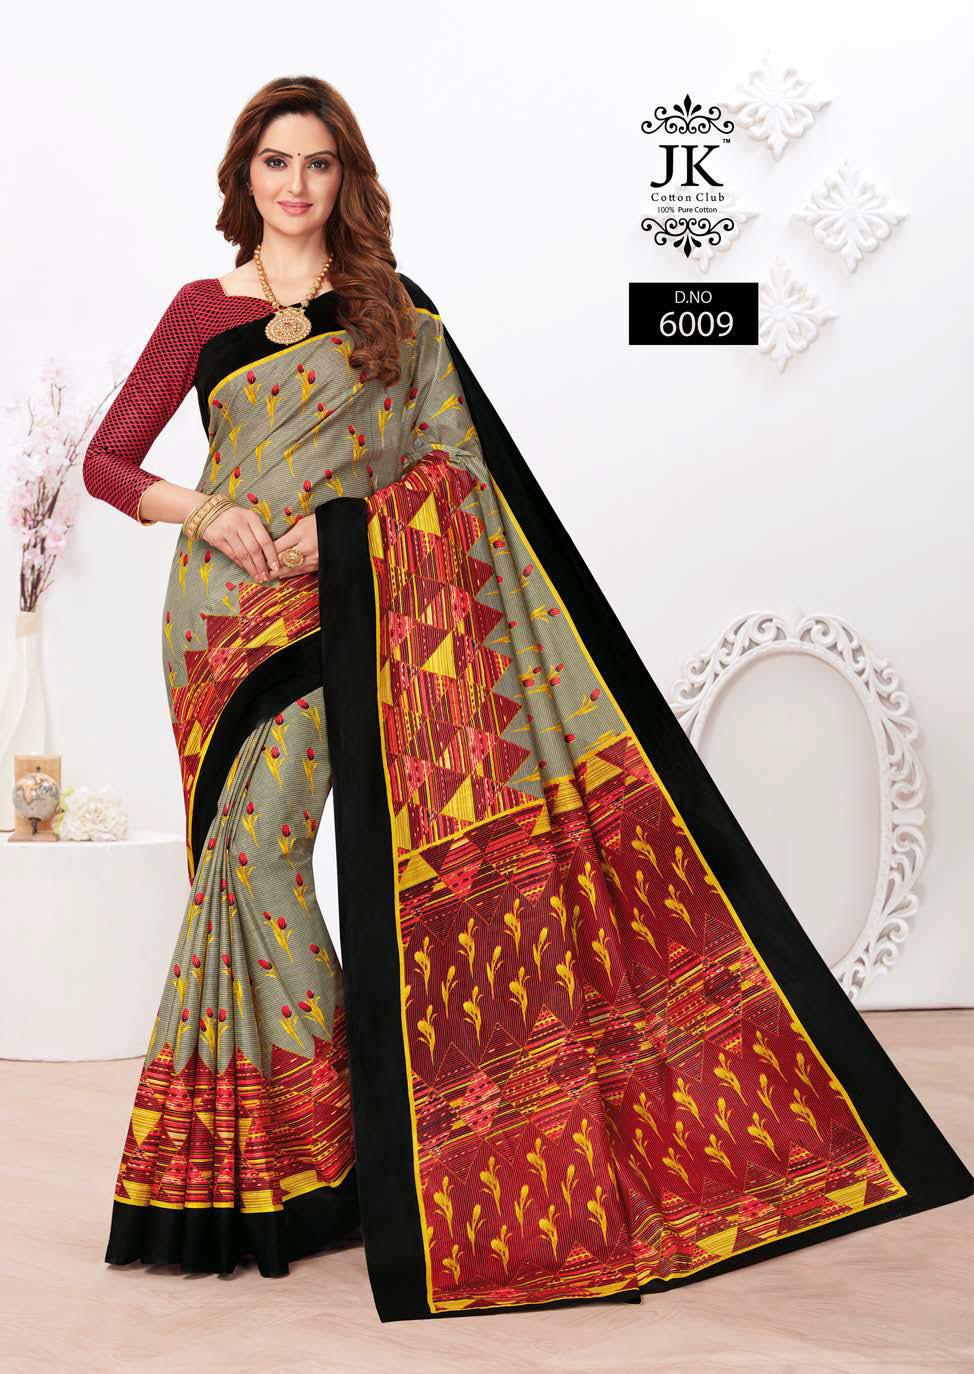 JK Tulsi Vol 6 A Saree Sari Wholesale Catalog 10 Pcs 5 - JK Tulsi Vol 6 A Saree Sari Wholesale Catalog 10 Pcs